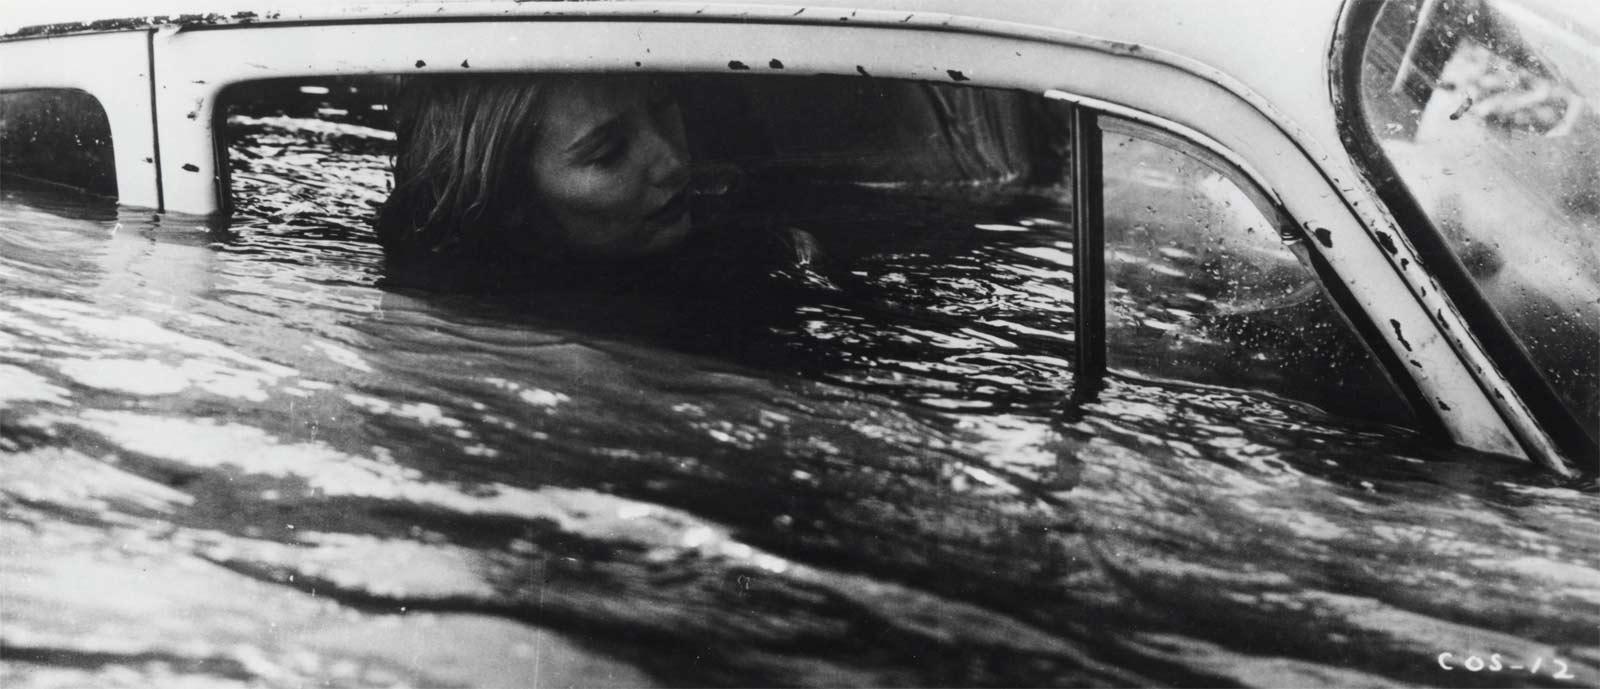 El Carnaval de las almas, 1962 | Herk Harvey